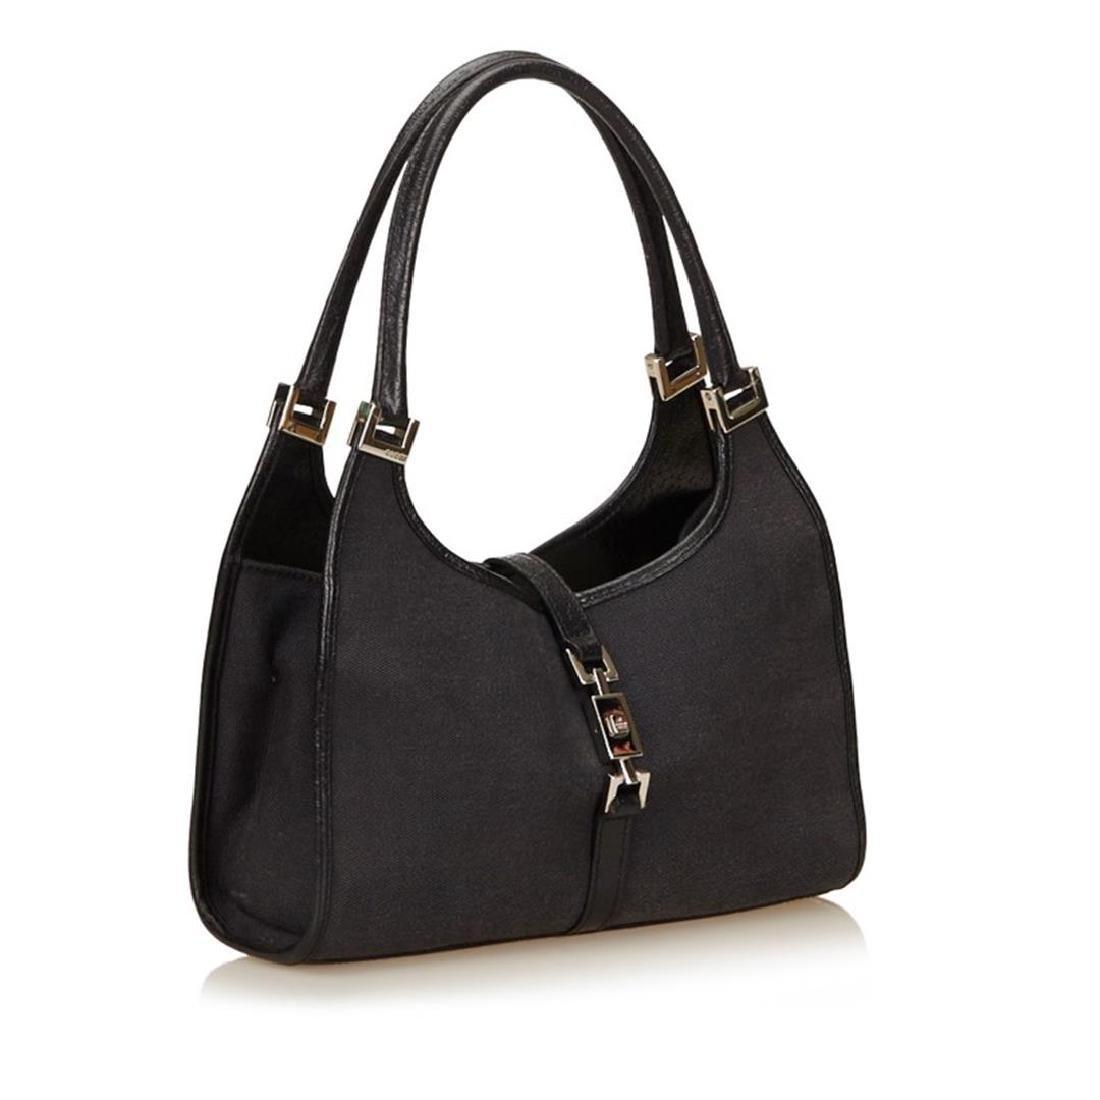 Gucci Black Canvas Leather Jackie Shoulder Bag - 2